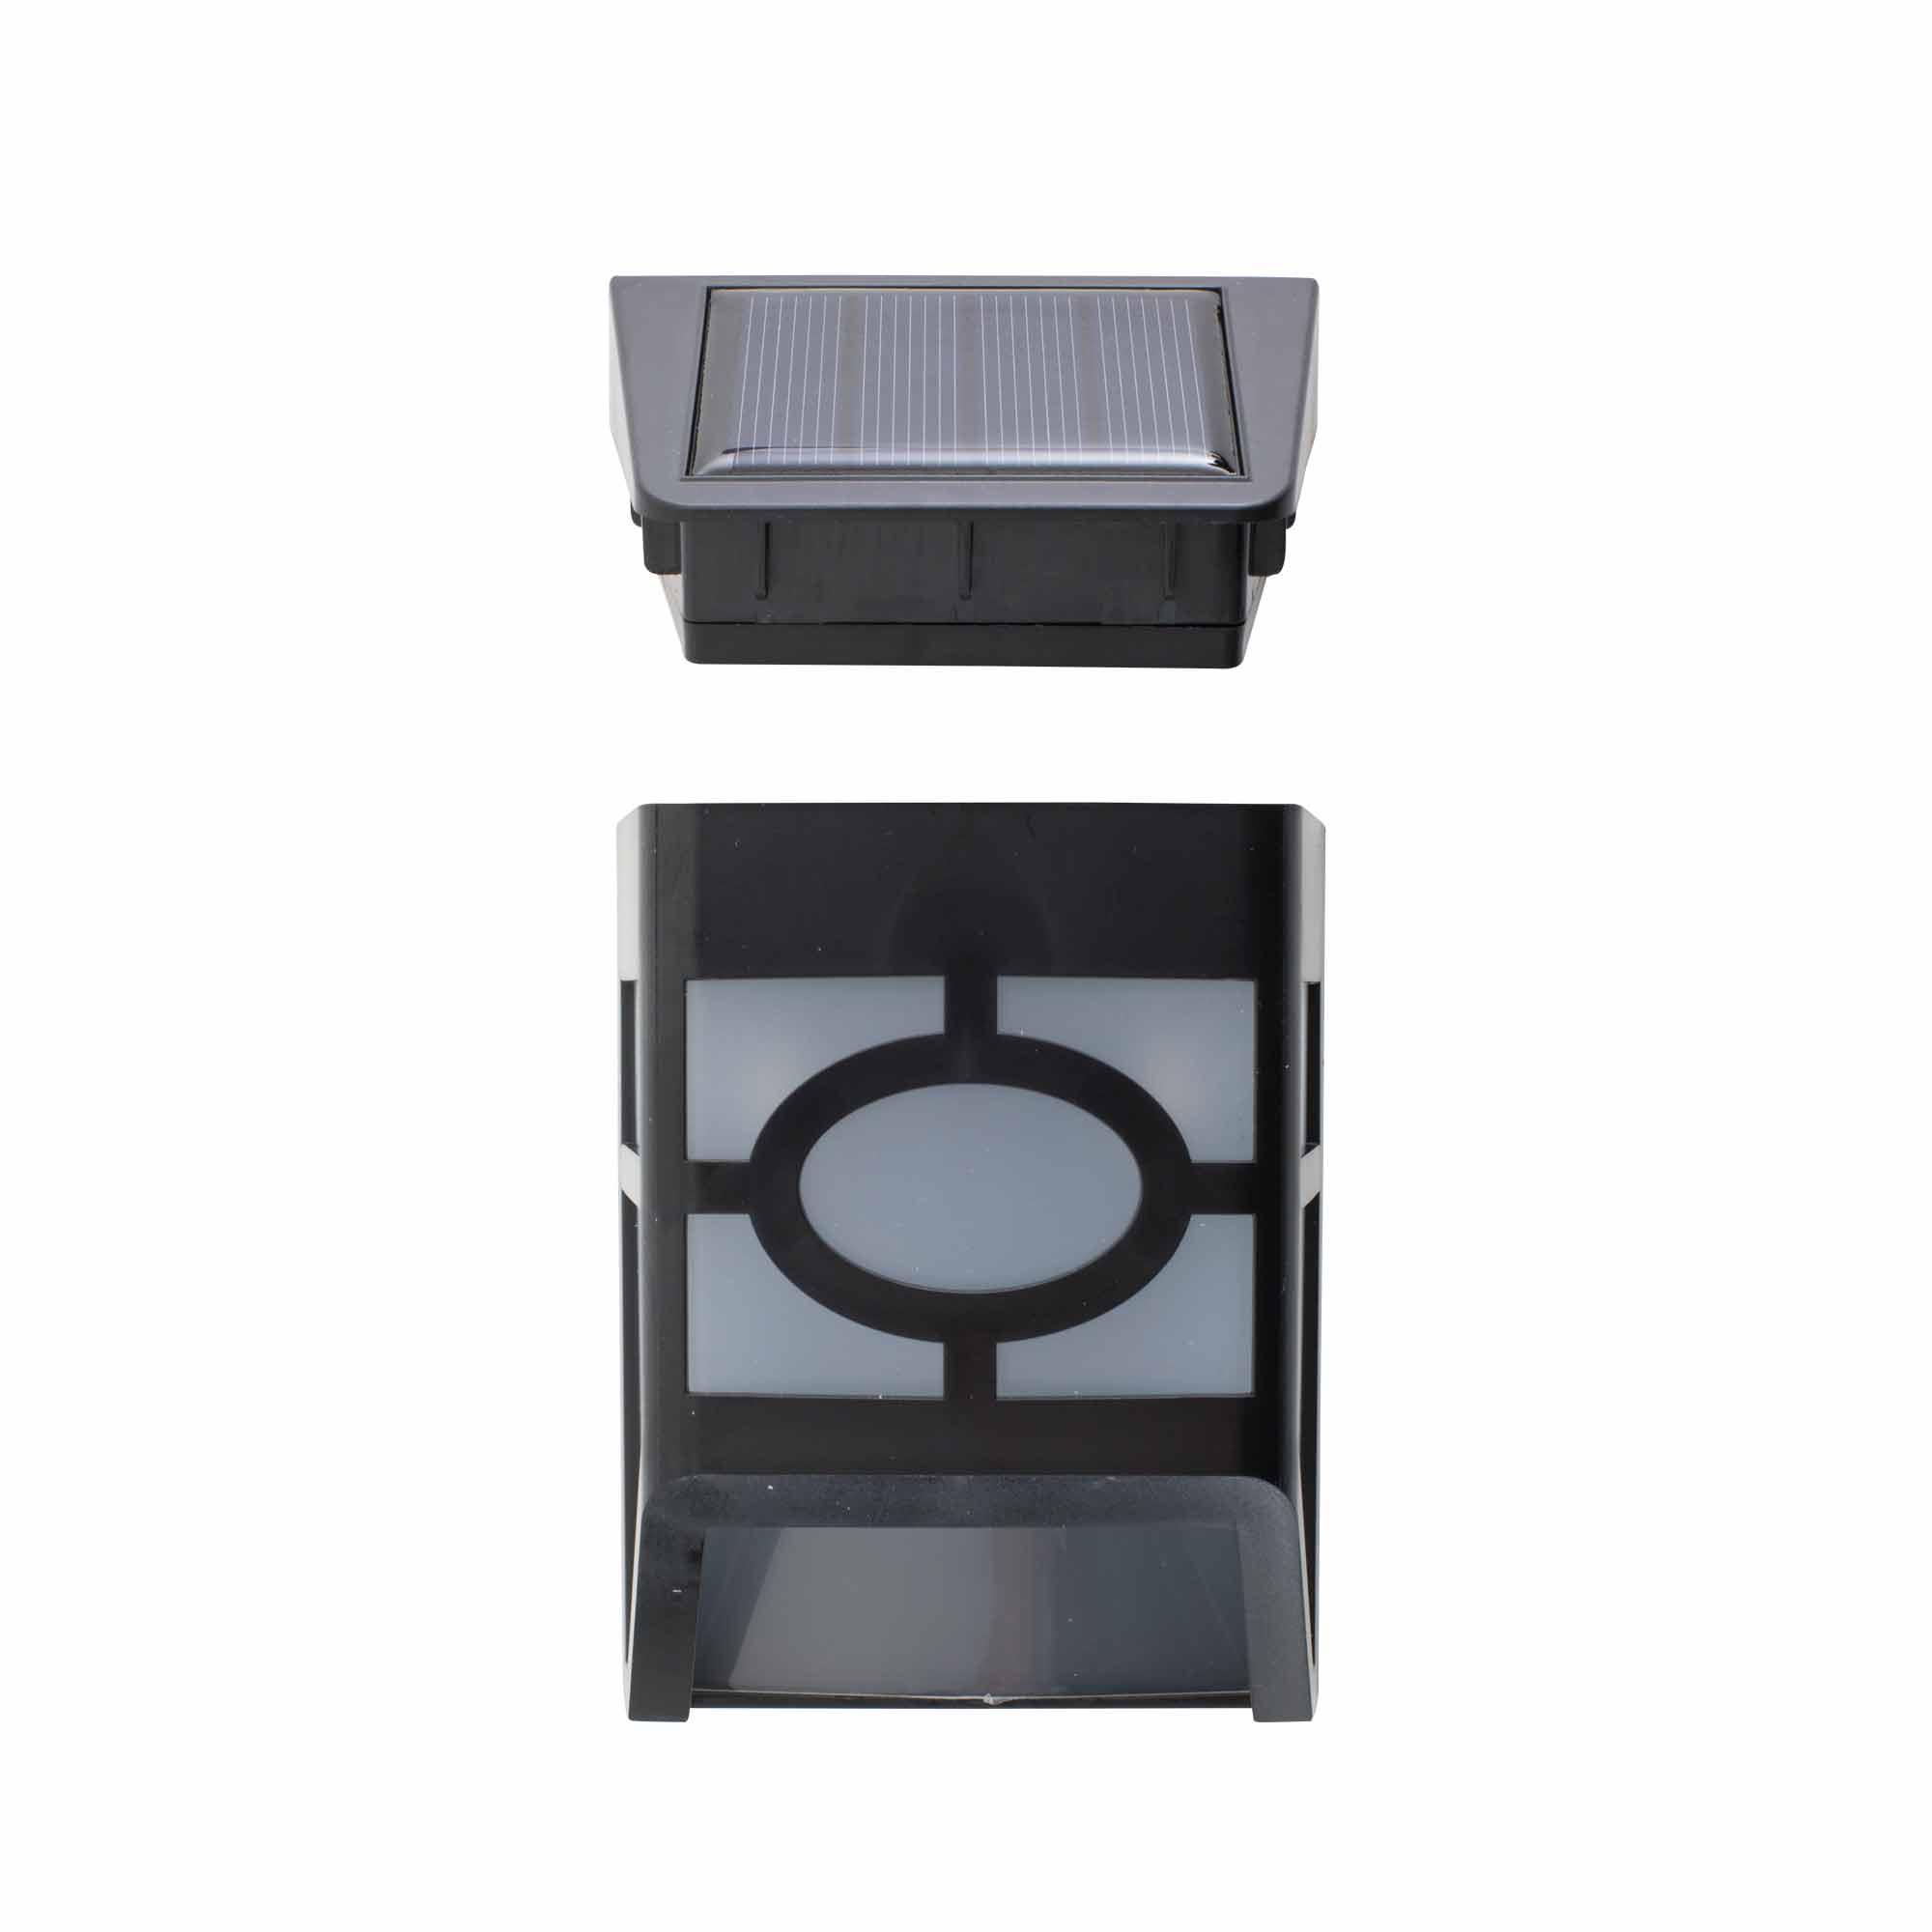 Applique mural led solaire a detecteur de mouvement l500 for Applique murale solaire exterieur avec detecteur